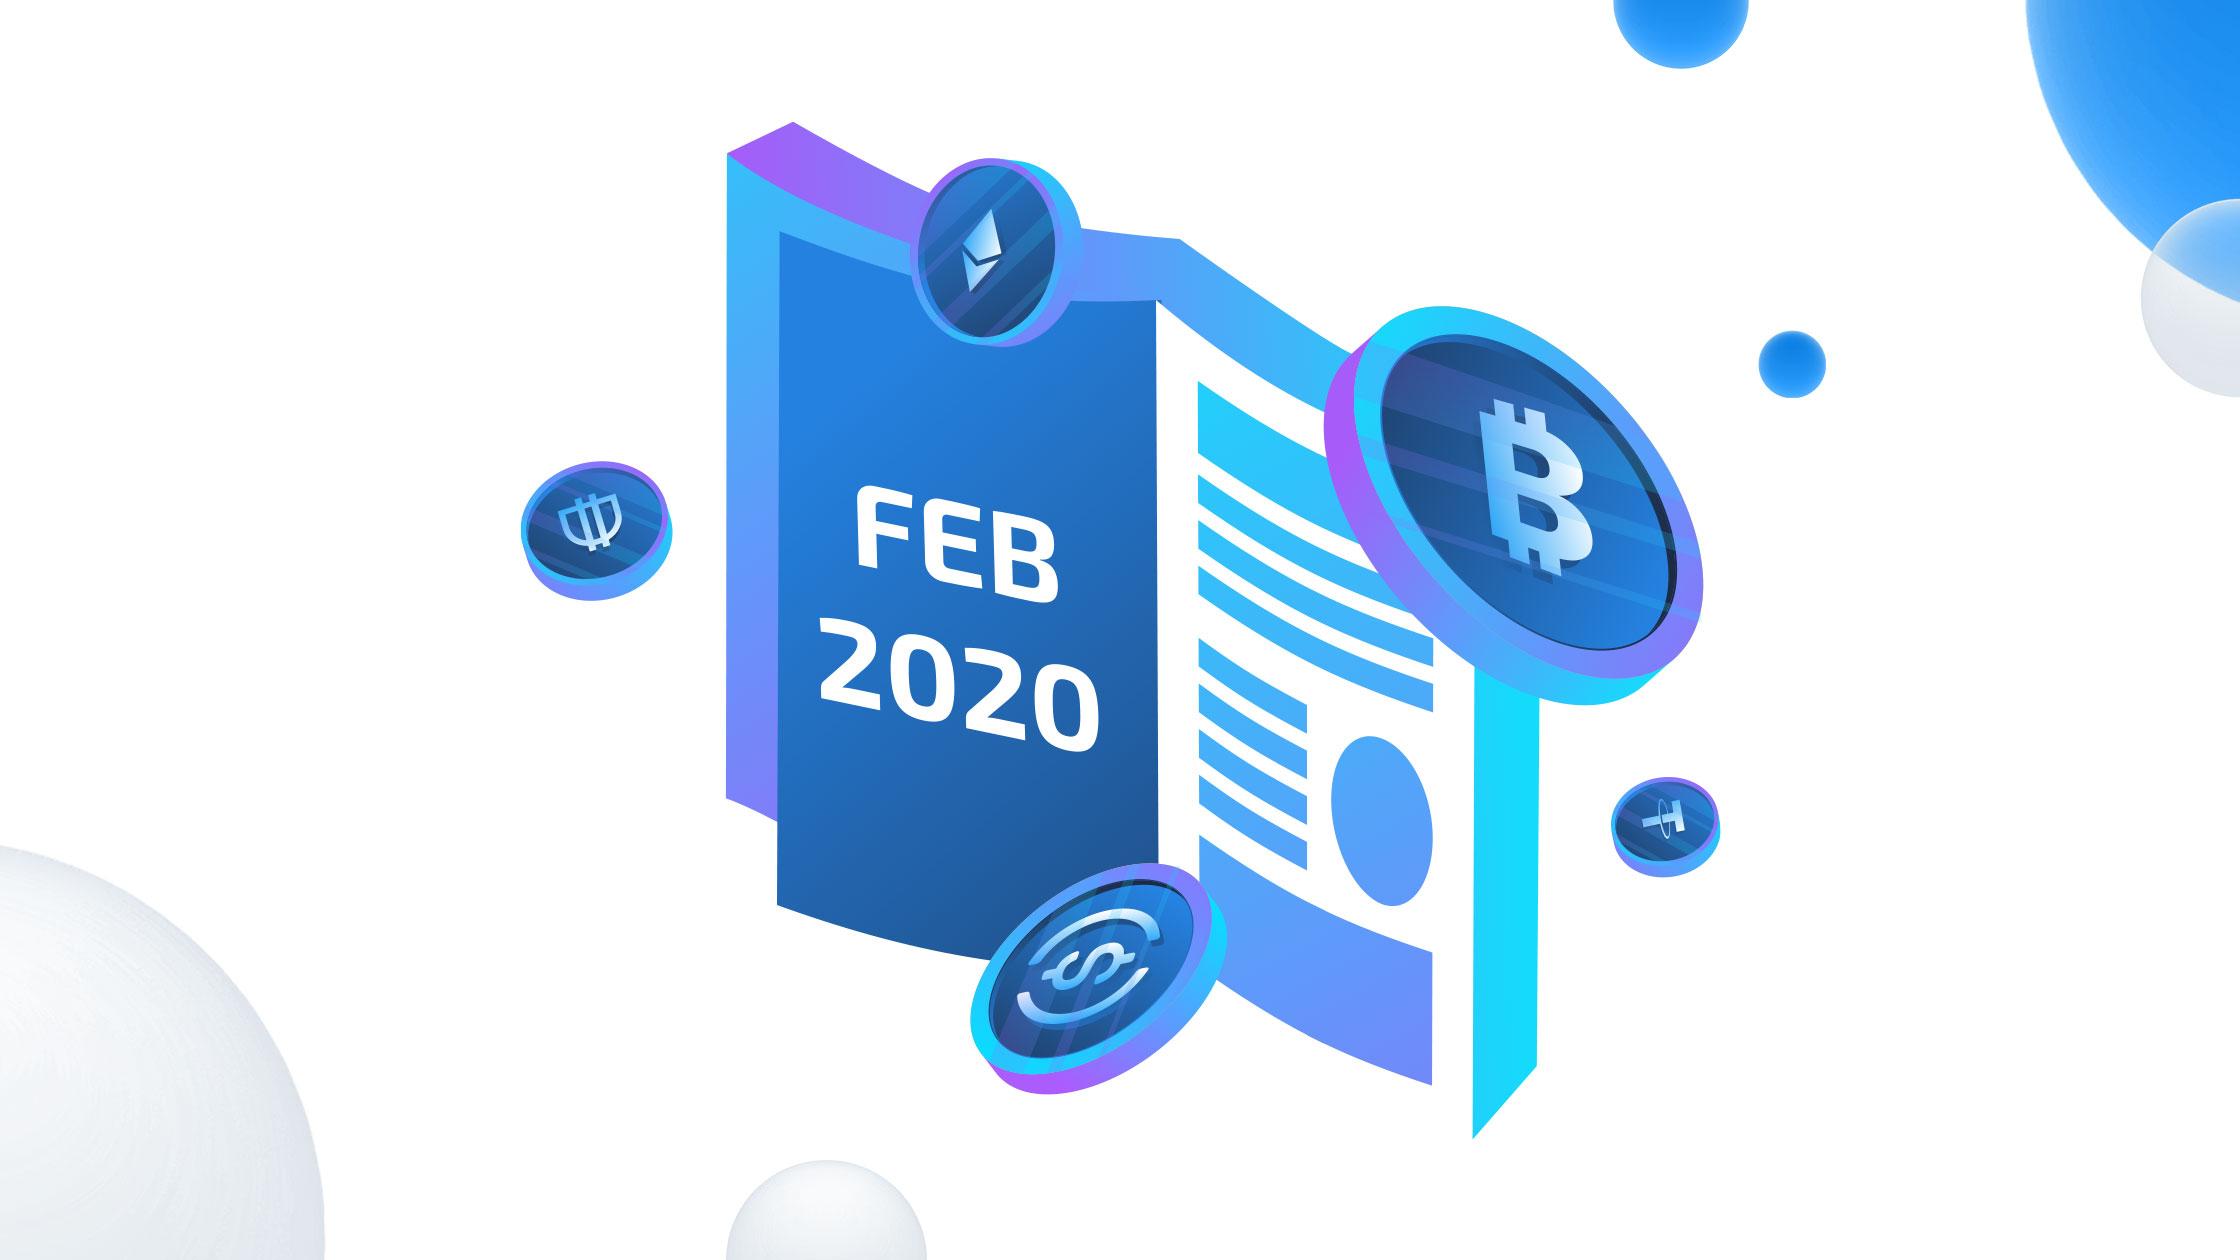 Hodlnaut Newsletter — February 2020